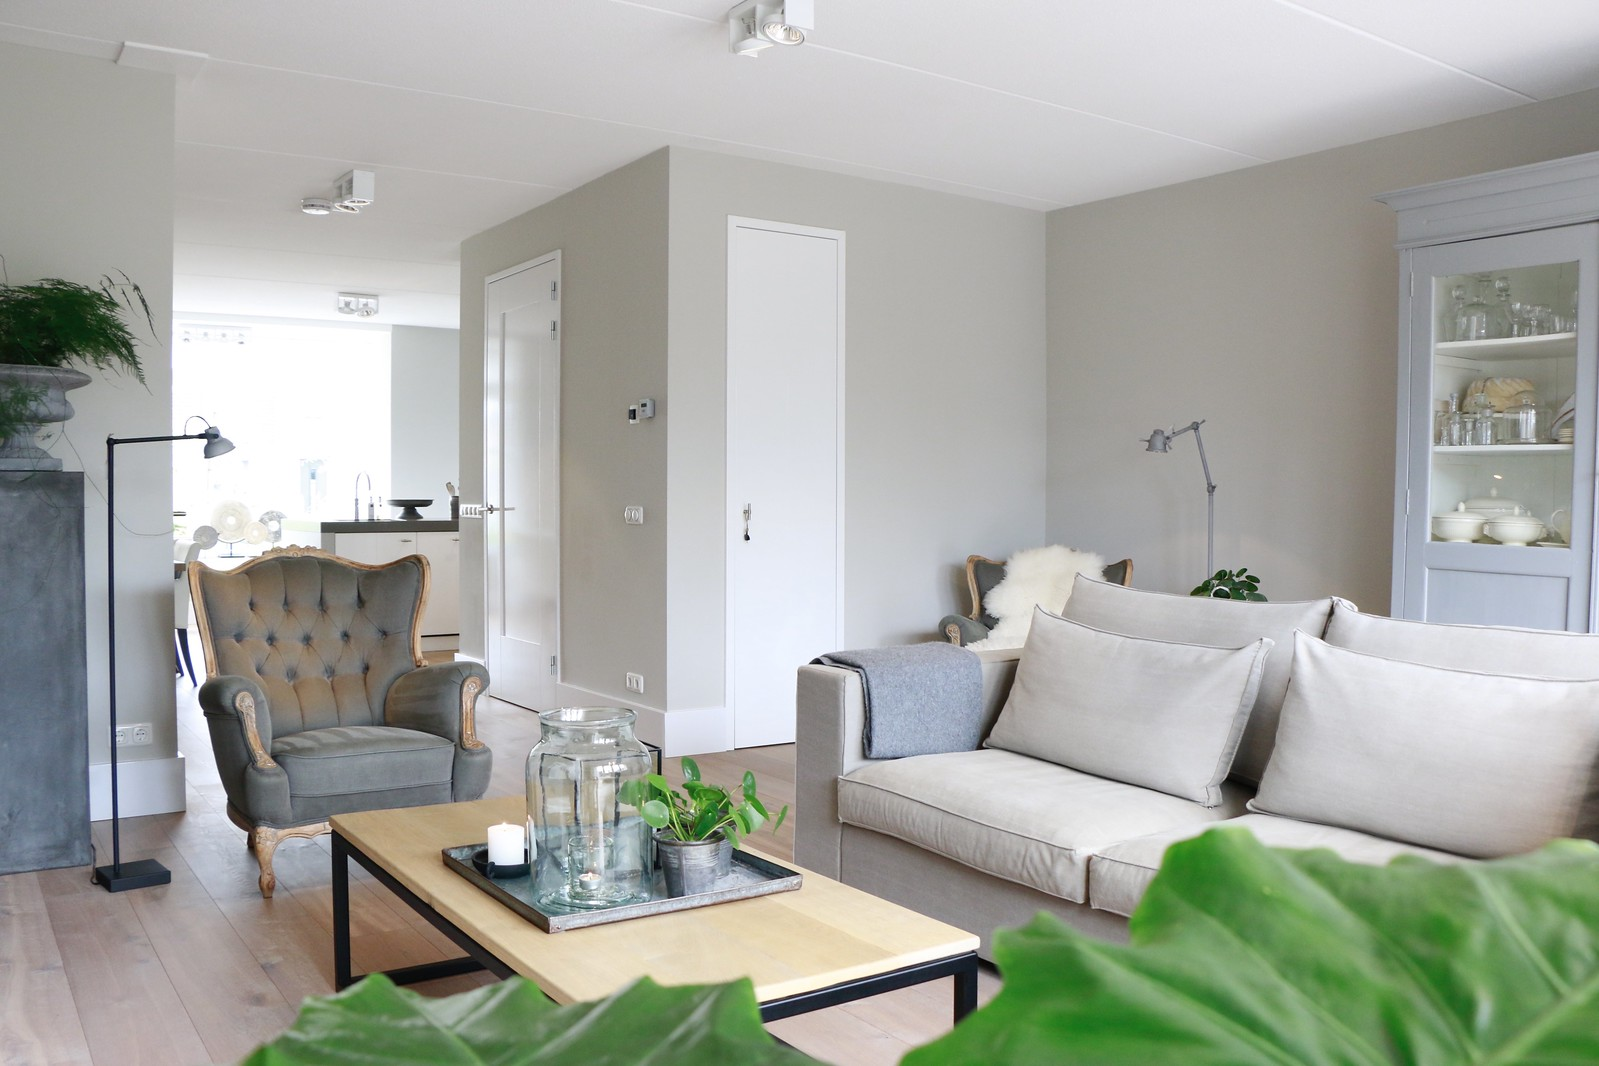 Woonkamer Eclectisch Inrichten : Woonkamer strak inrichten simple je huis inrichten met